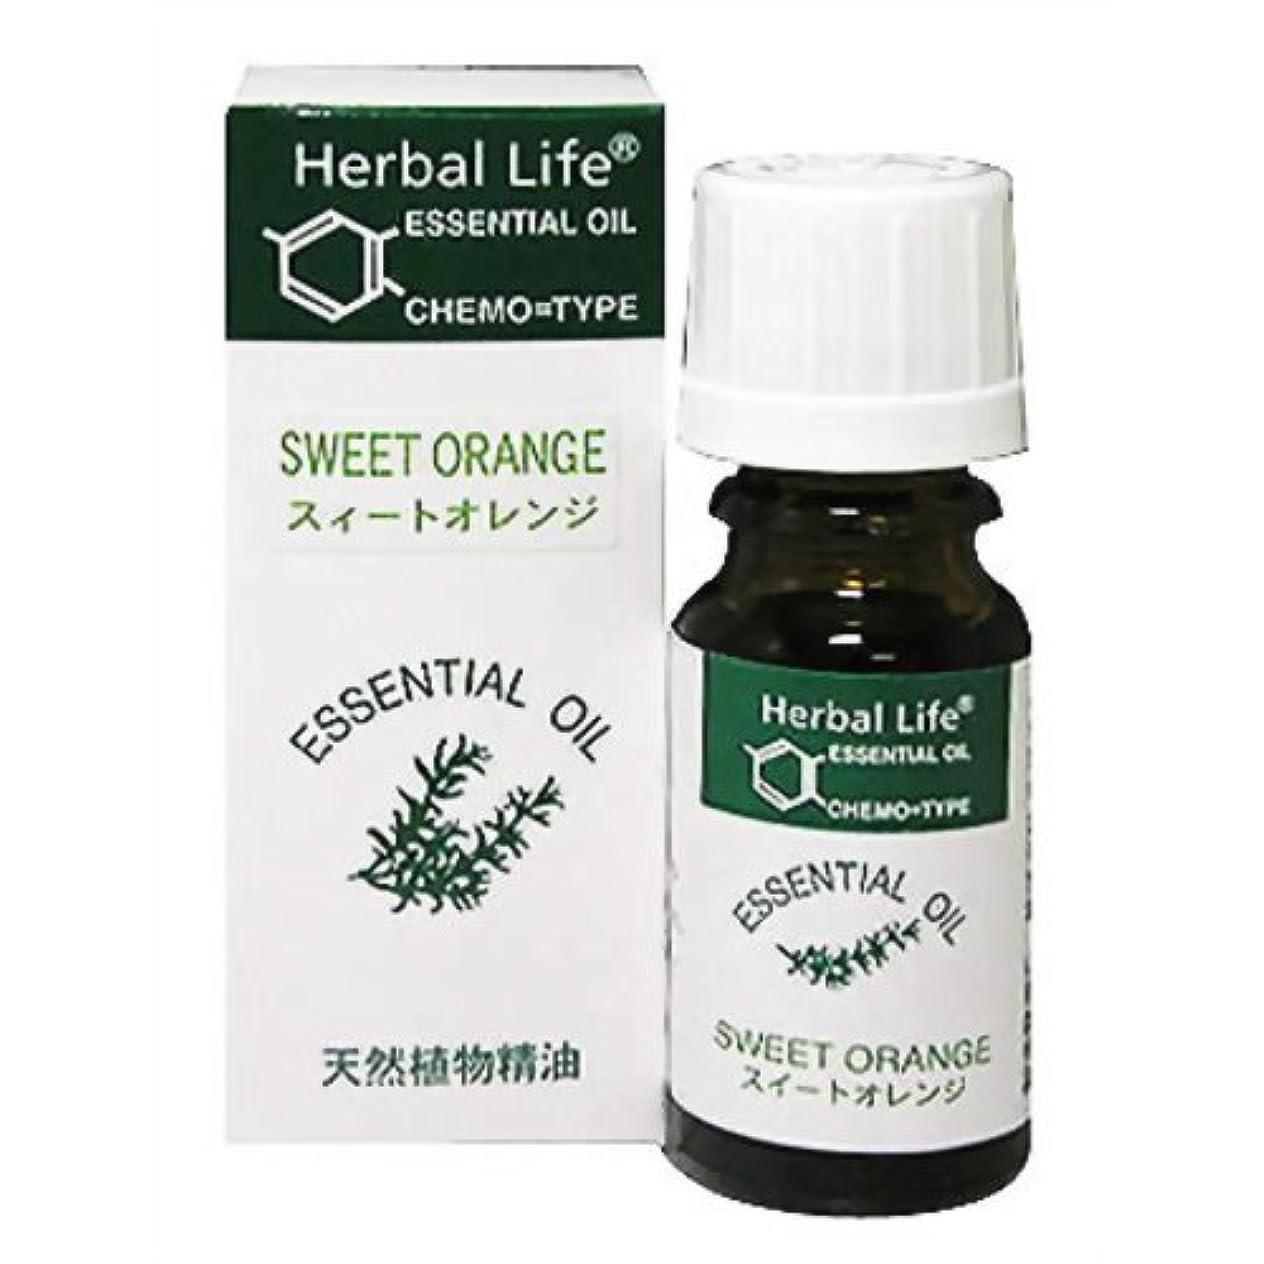 ハーフ合金怠感生活の木 Herbal Life スィートオレンジ 10ml